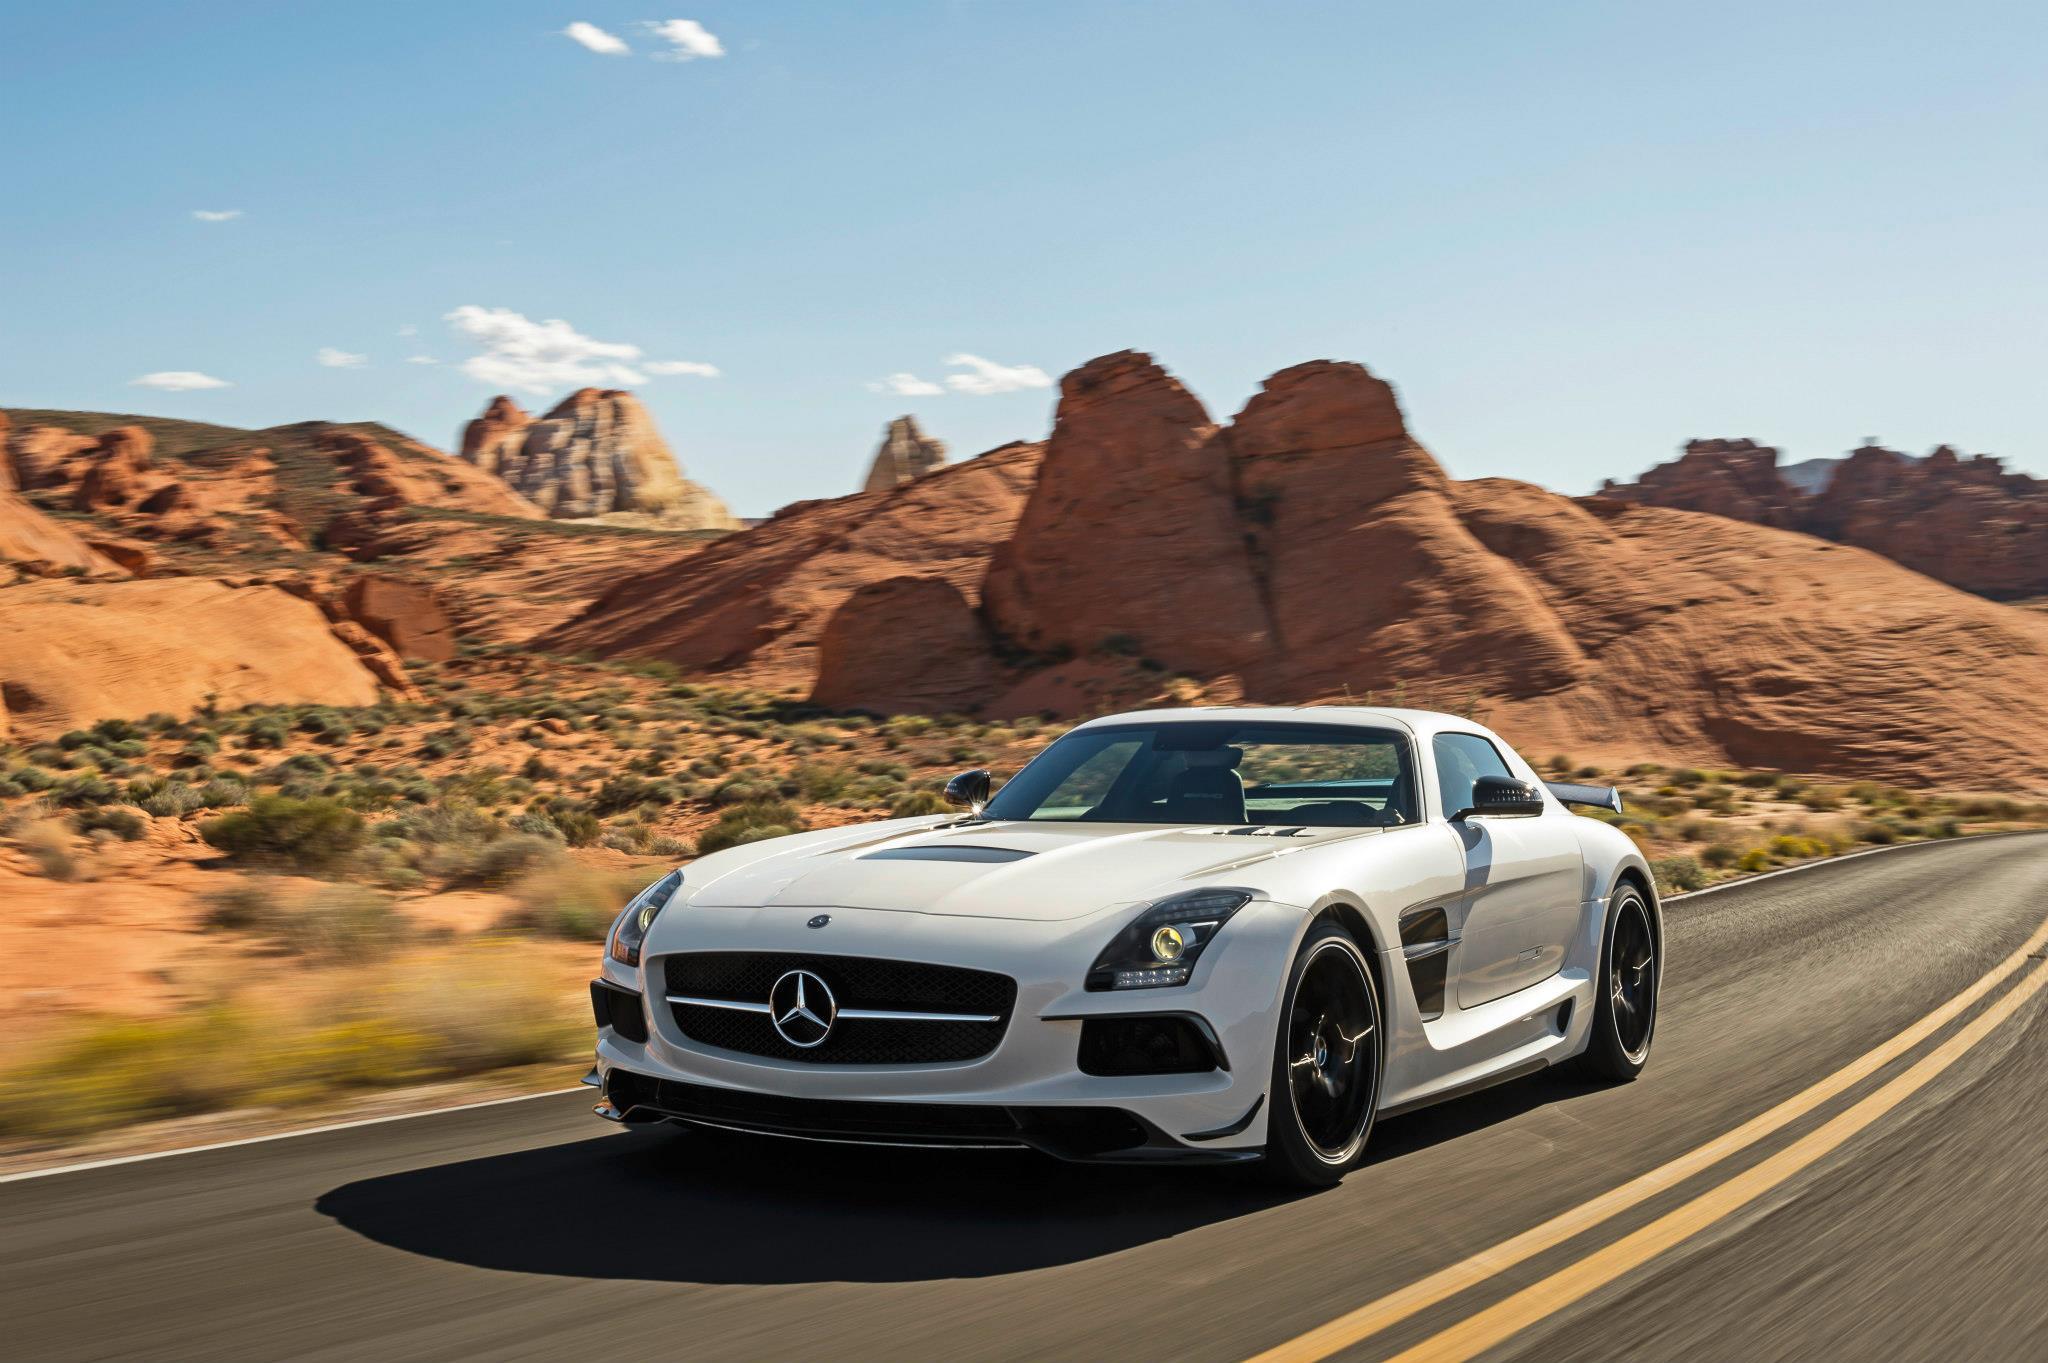 Mercedes benz reveals sls amg black series for Mercedes benz amg black series